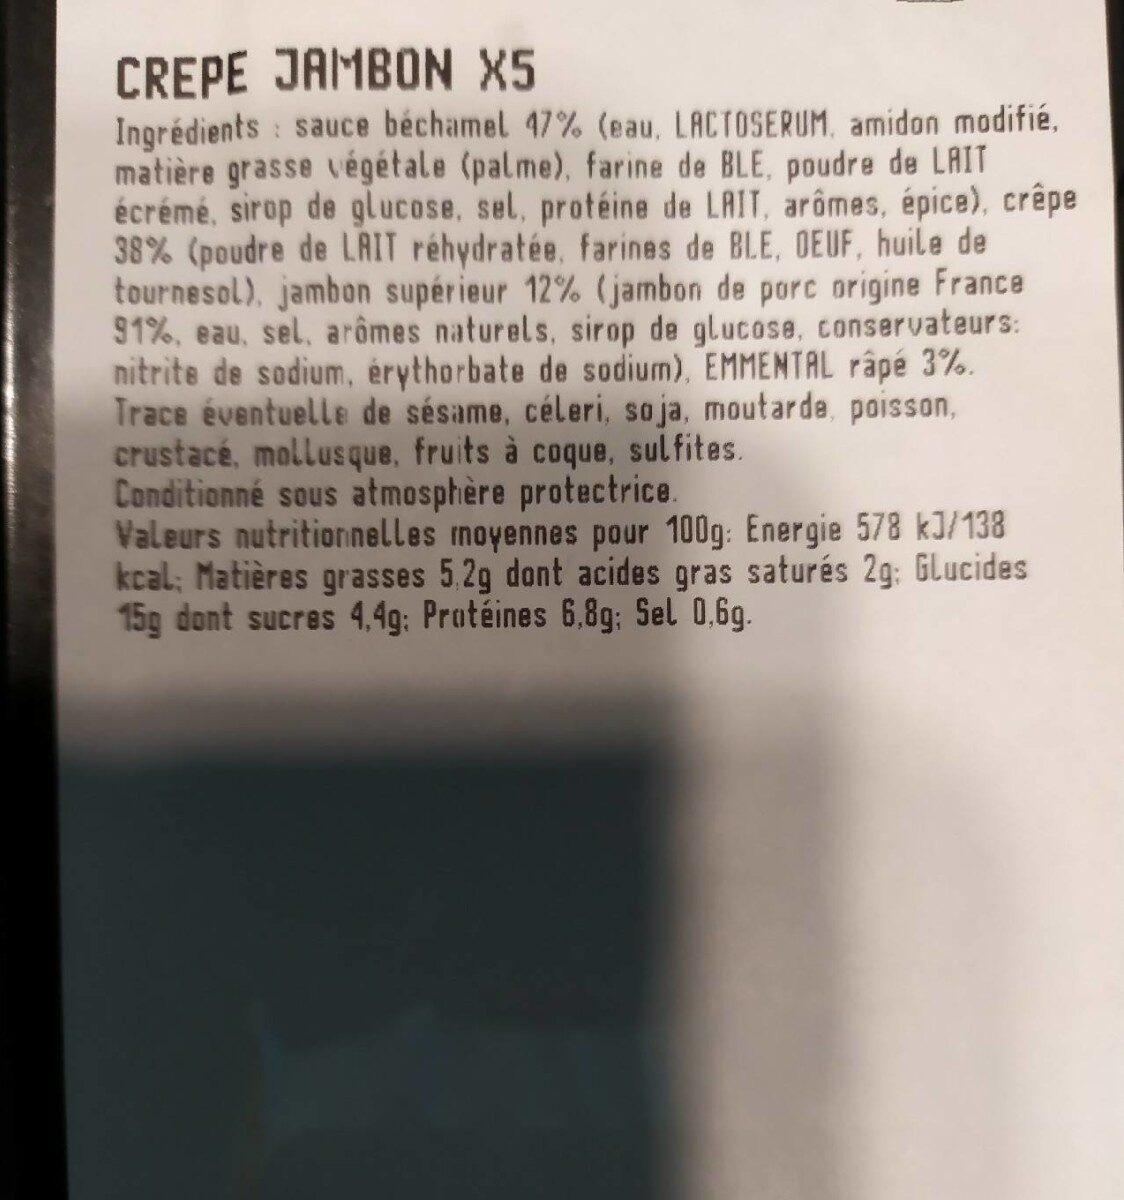 Crêpe Jambon X 5 - Informations nutritionnelles - fr